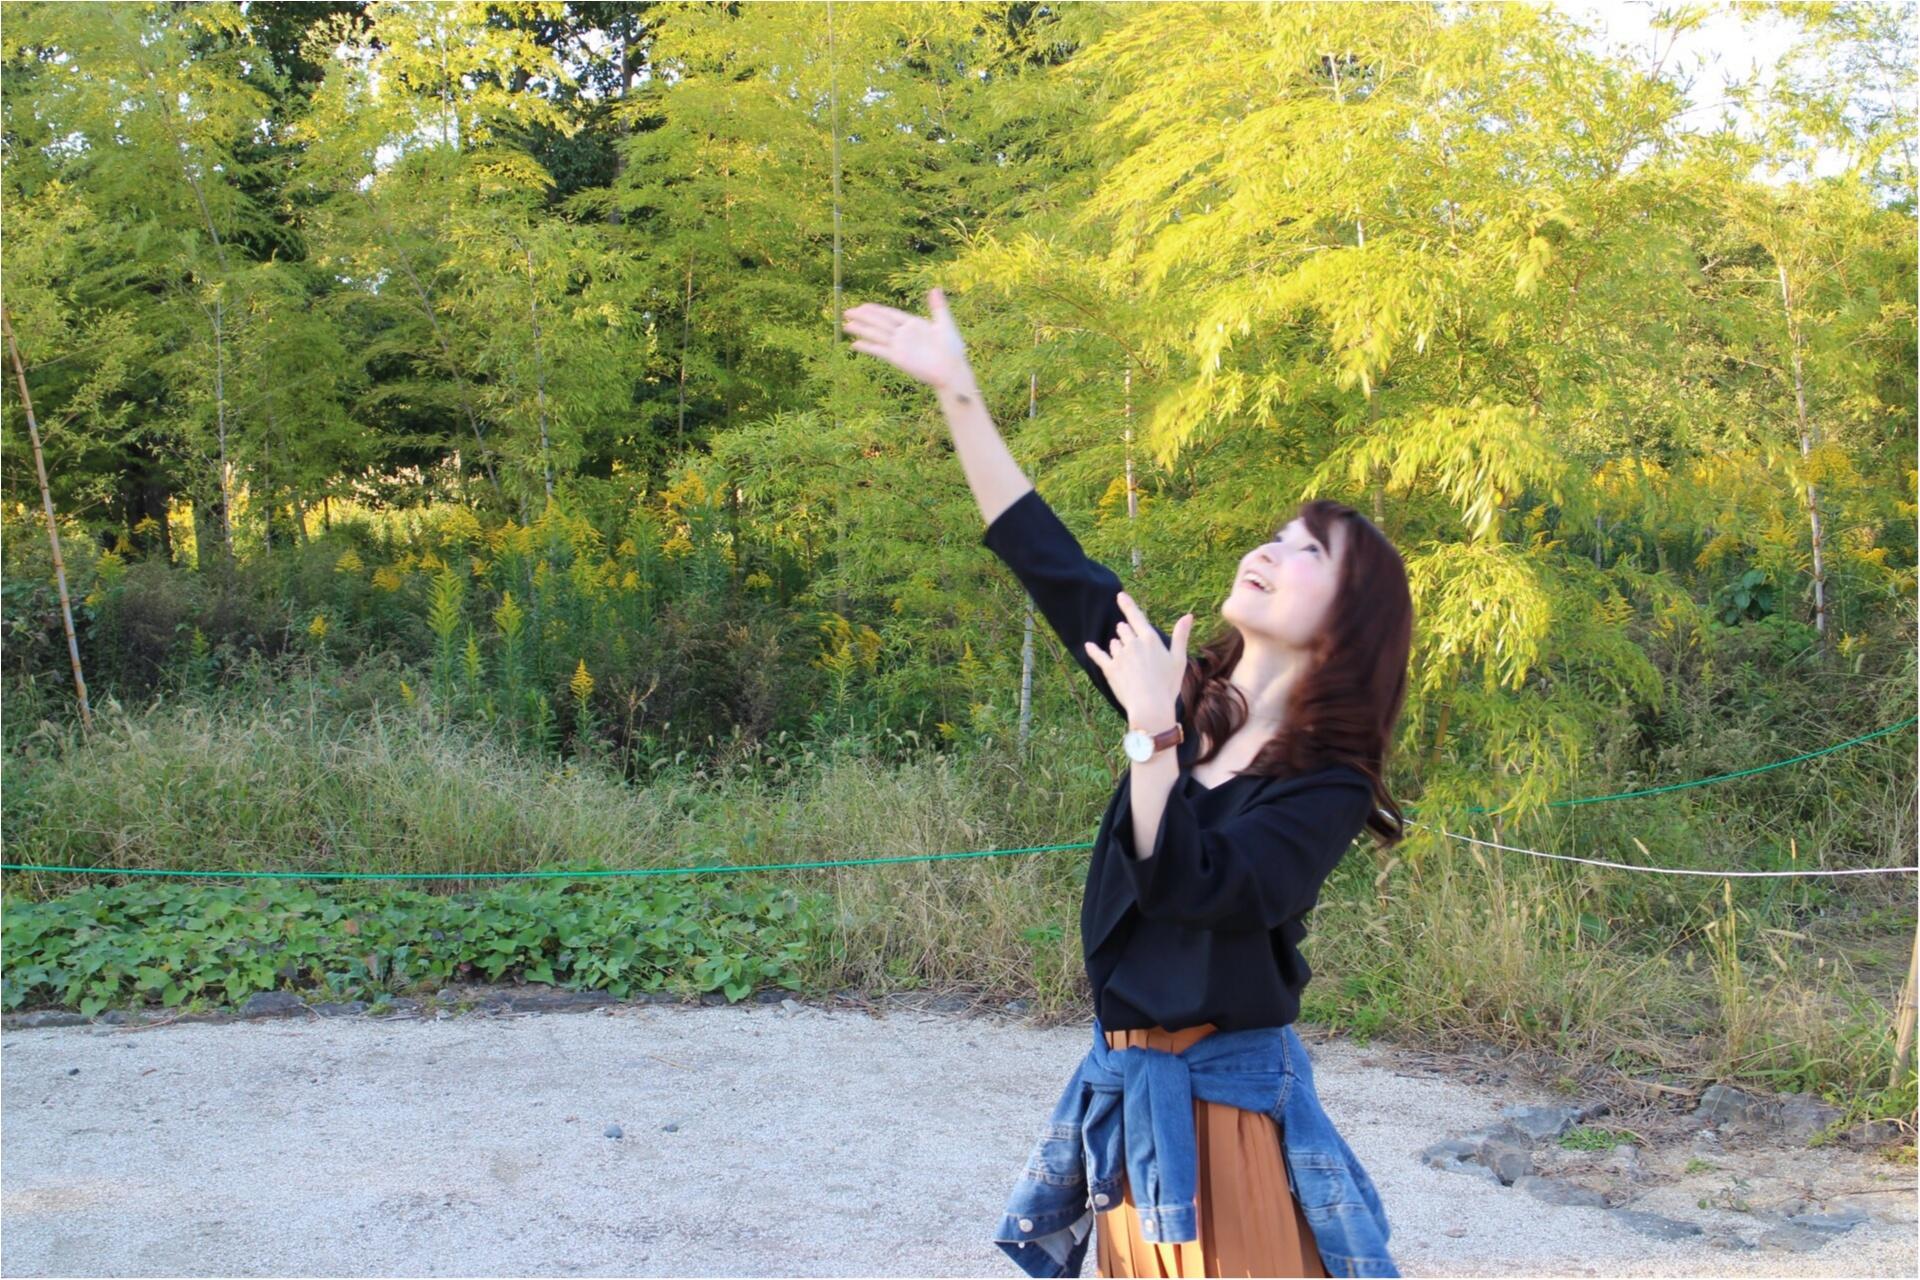 ♡ドライブにオススメ!都内から2時間弱で秋を感じられる!ひたち海浜公園にコキアを見に行こう♡_6